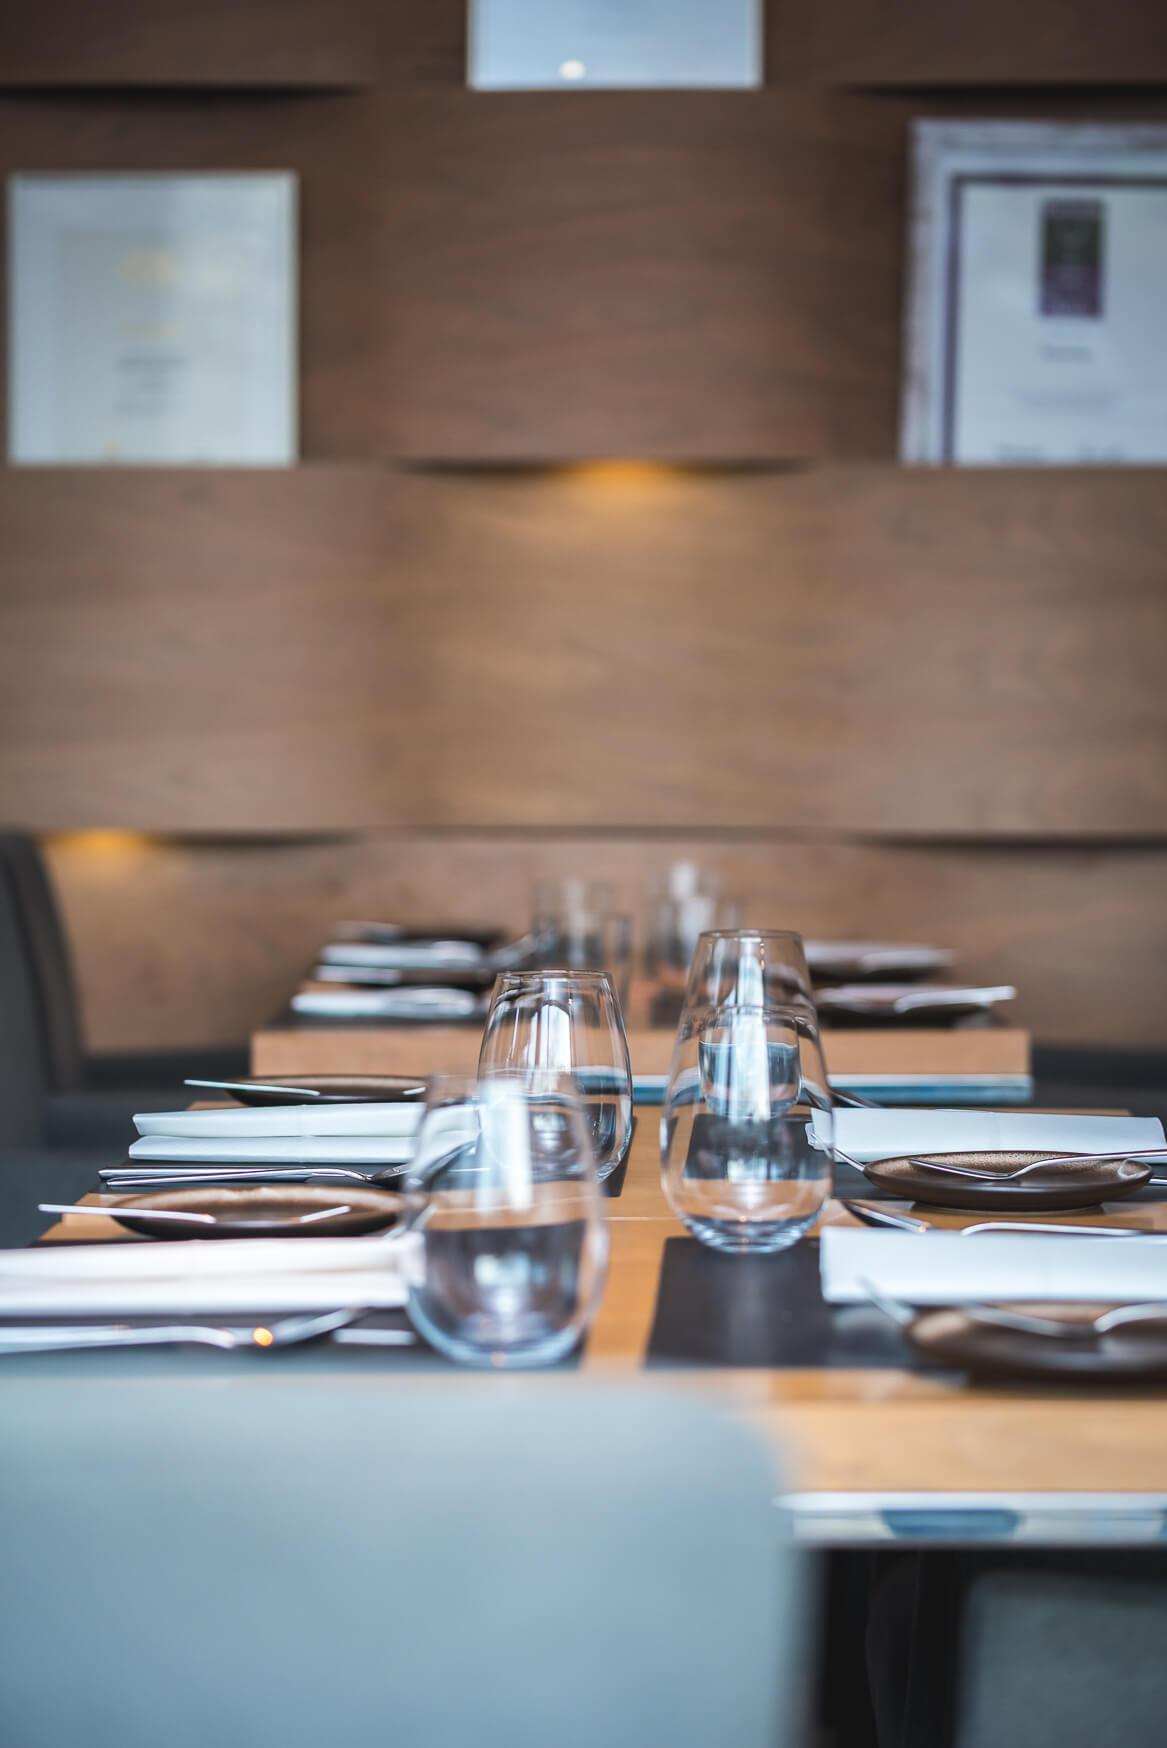 LUK 3244 - Restauracja Sztuczka. Nowy szef kuchni, nowe pomysły